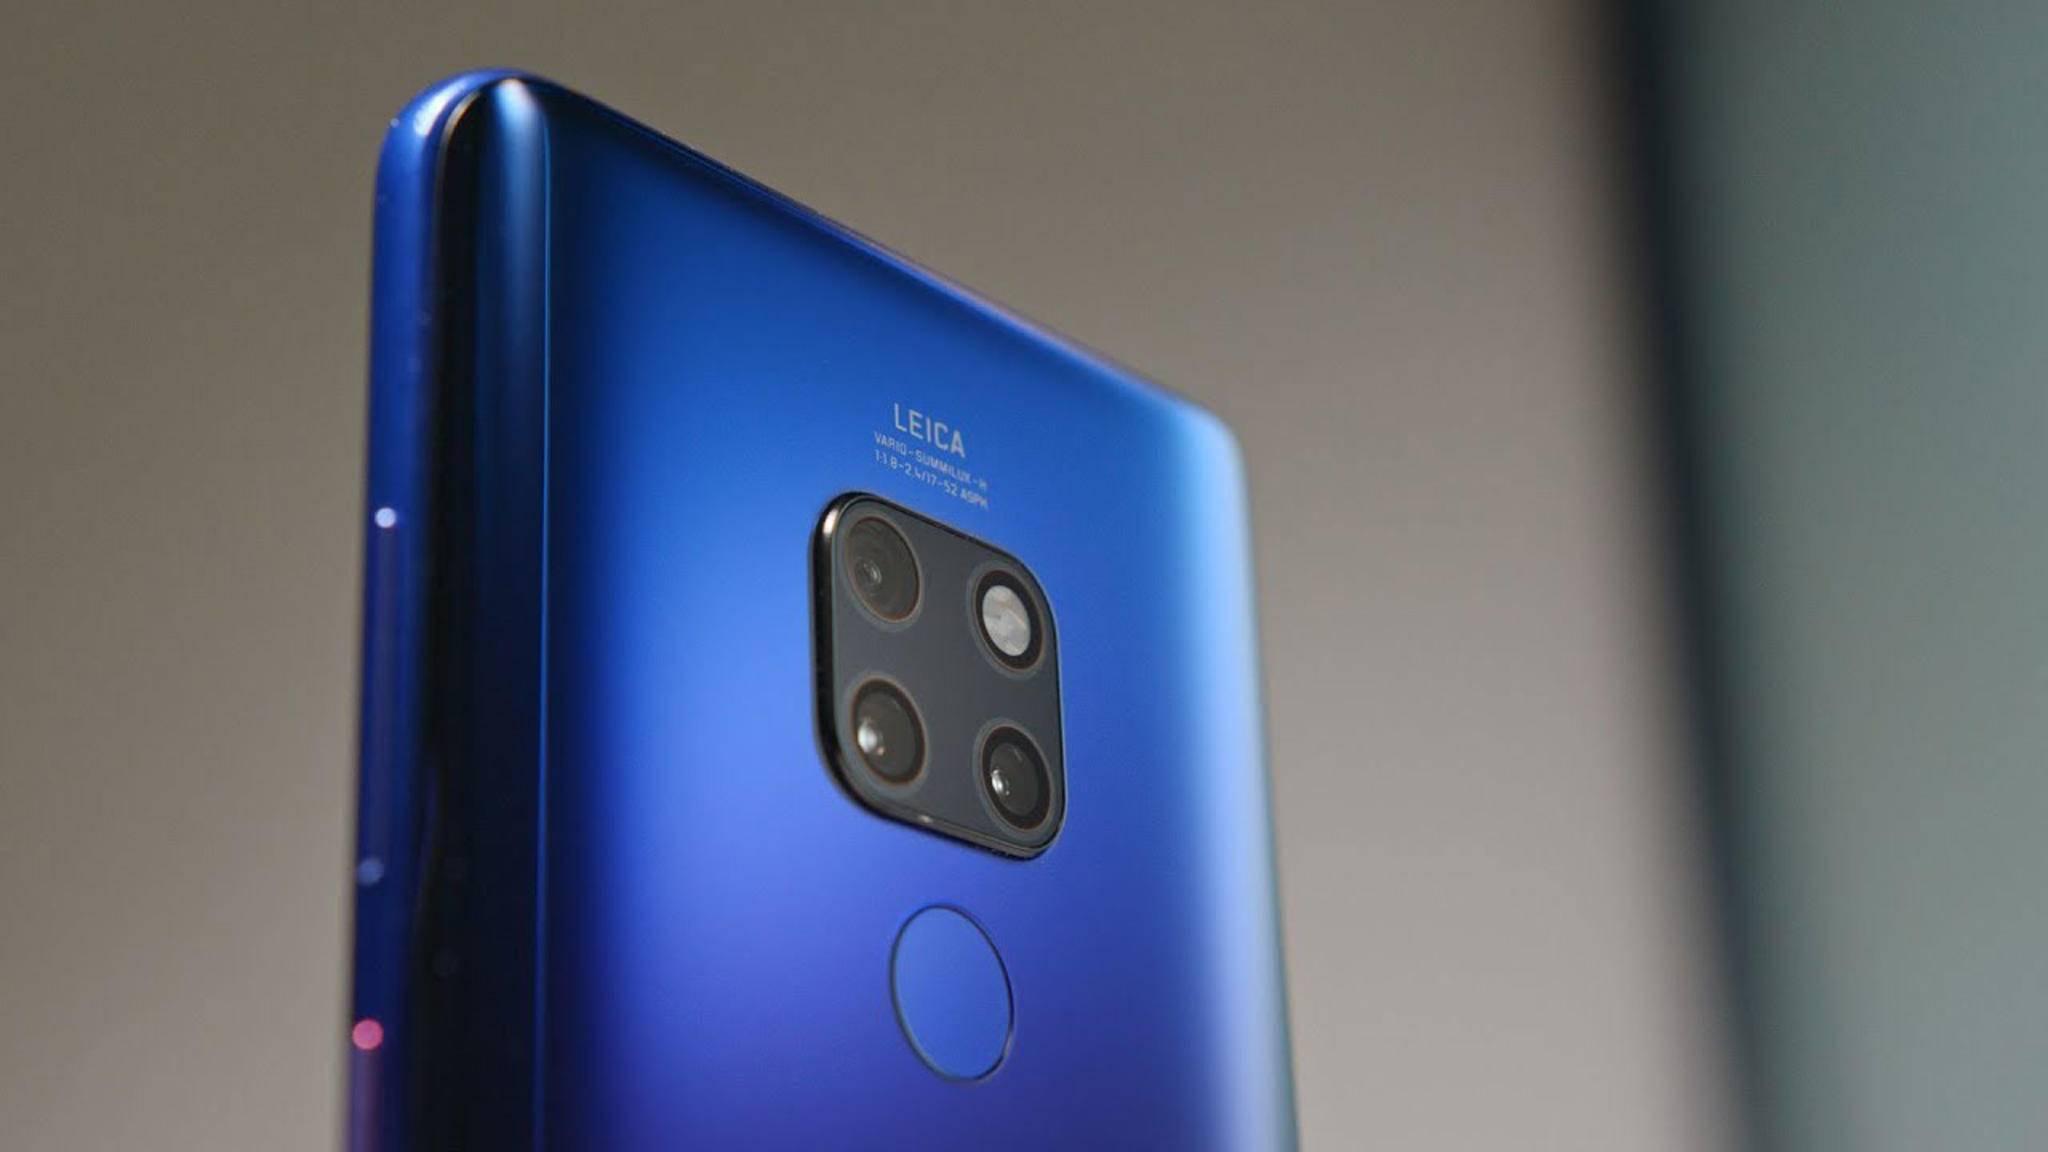 Die Vorstellung des Huawei Mate 20 Pro war eines der Wochen-Highlights.